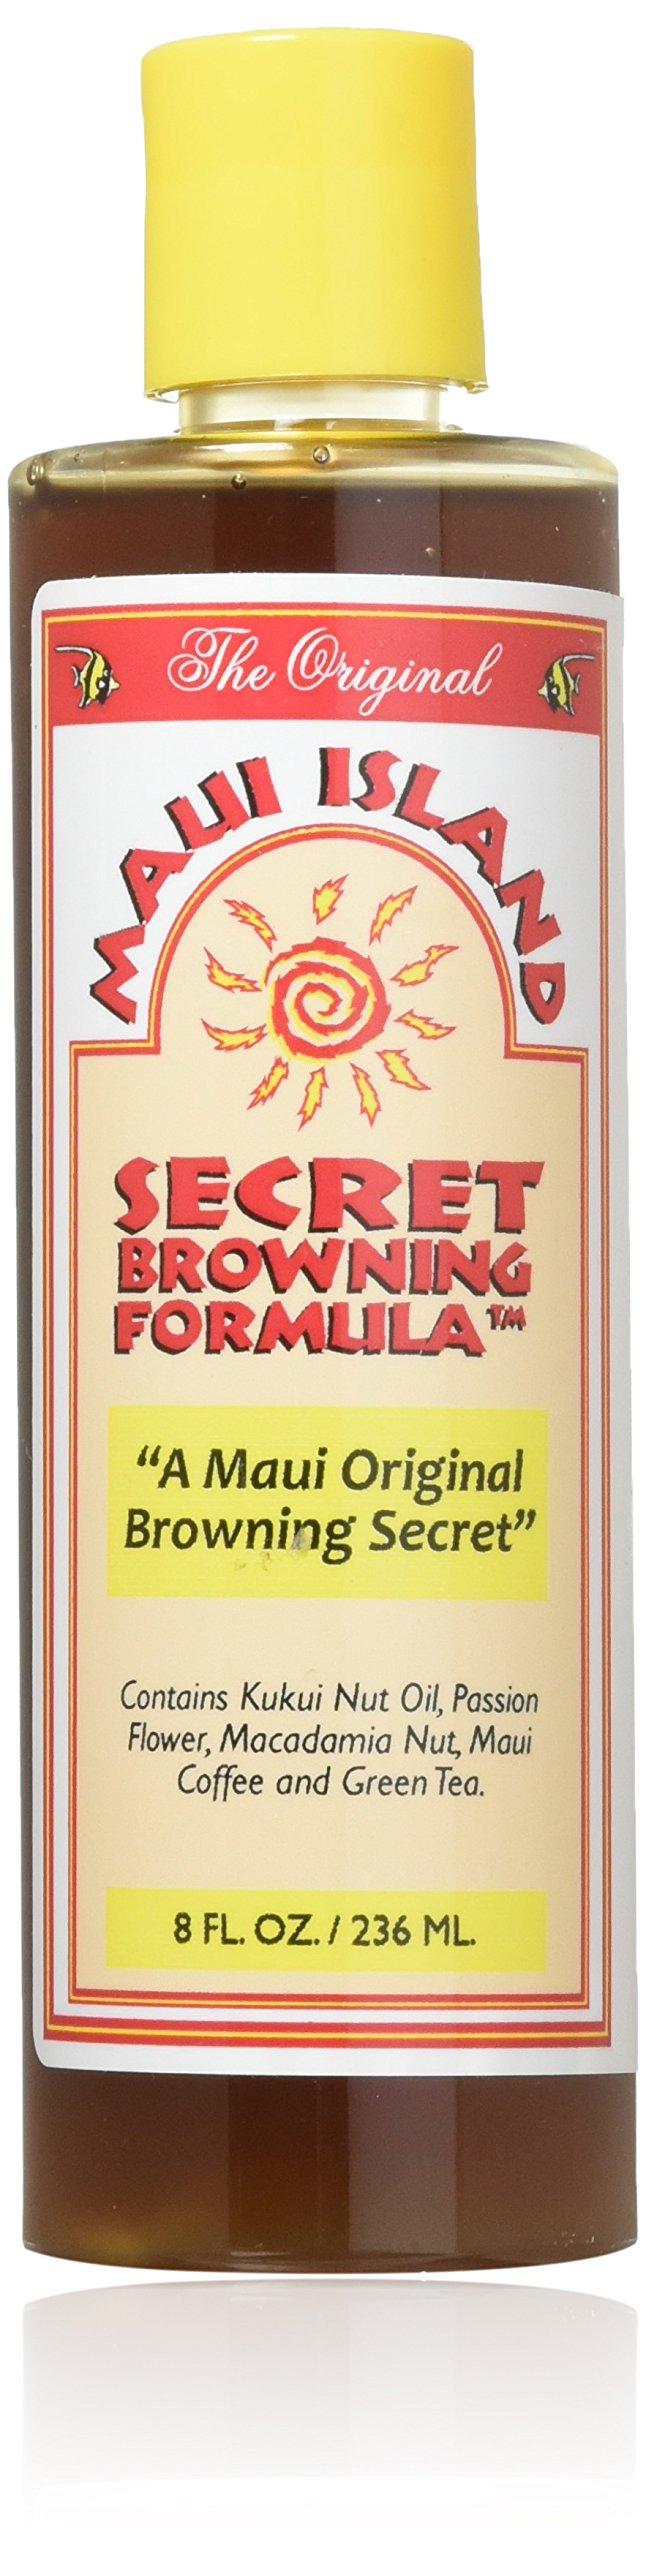 Maui Island Secret Browning Formula 8 Oz. by Maui Island Secret